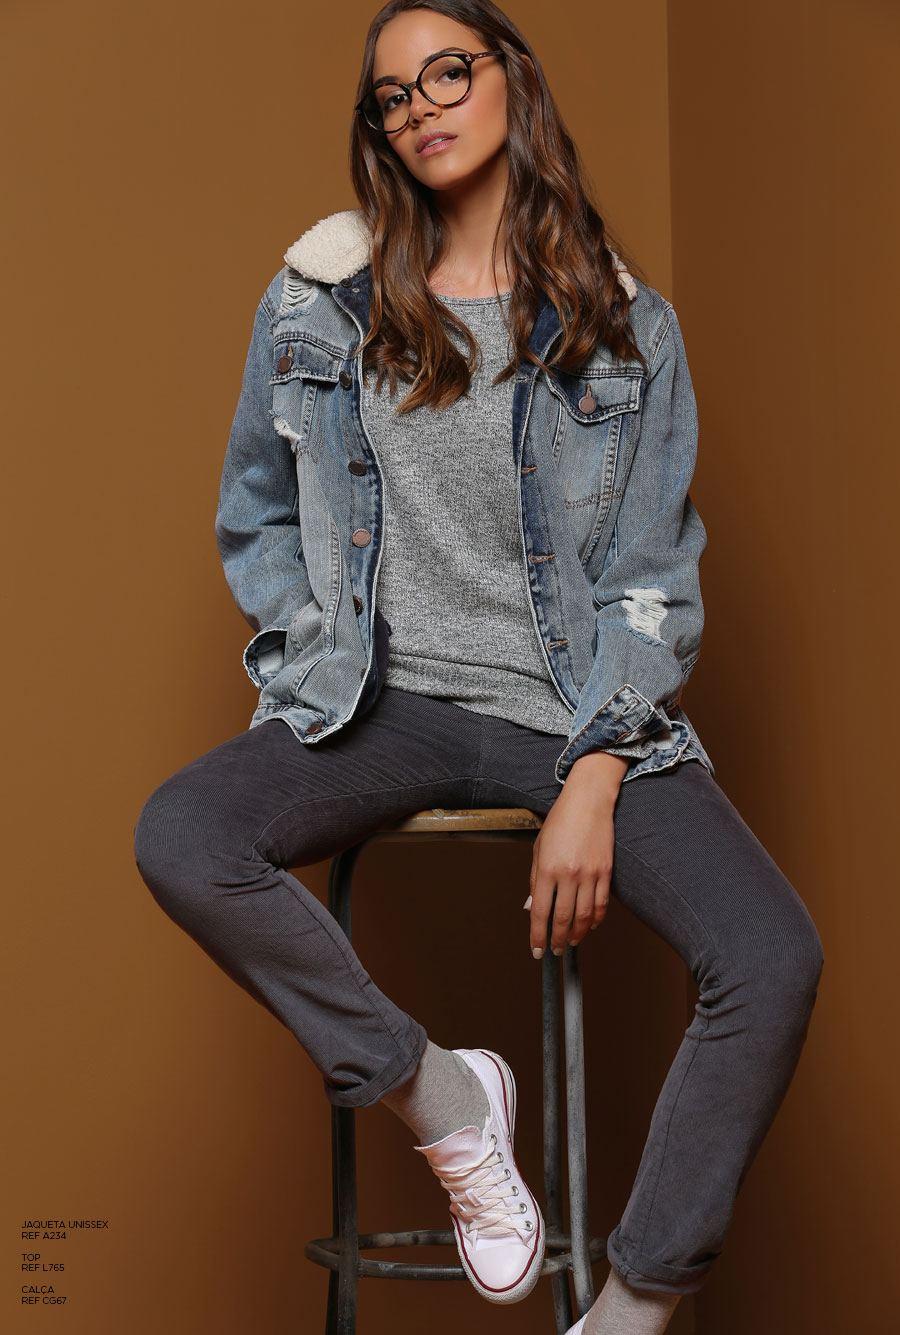 jeans veludo damyller